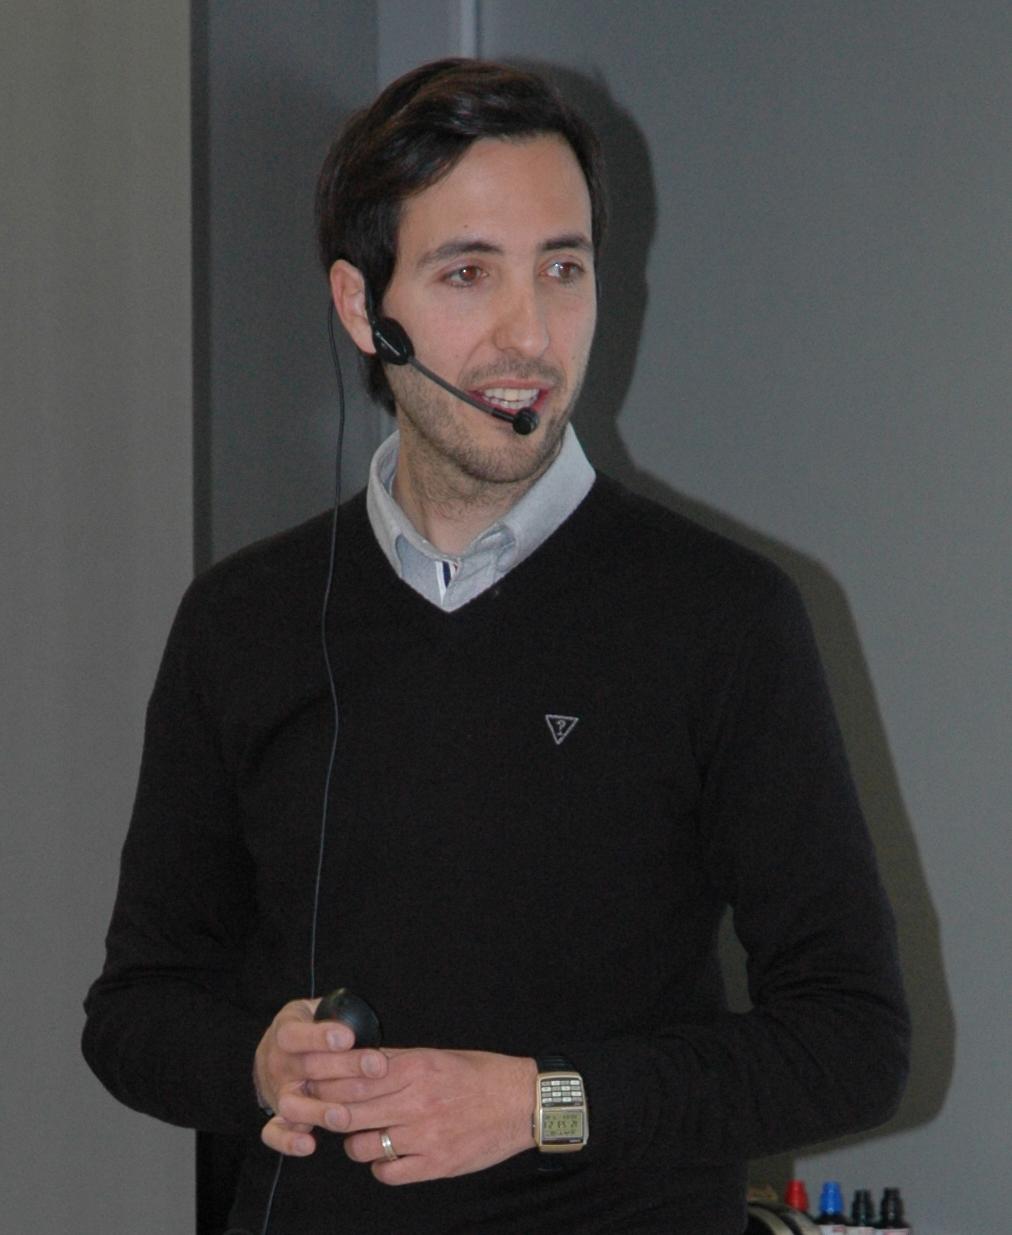 Foto-DavidBlay Encuentros Digitales: David Blay, periodista y narrador de eventos deportivos en radio